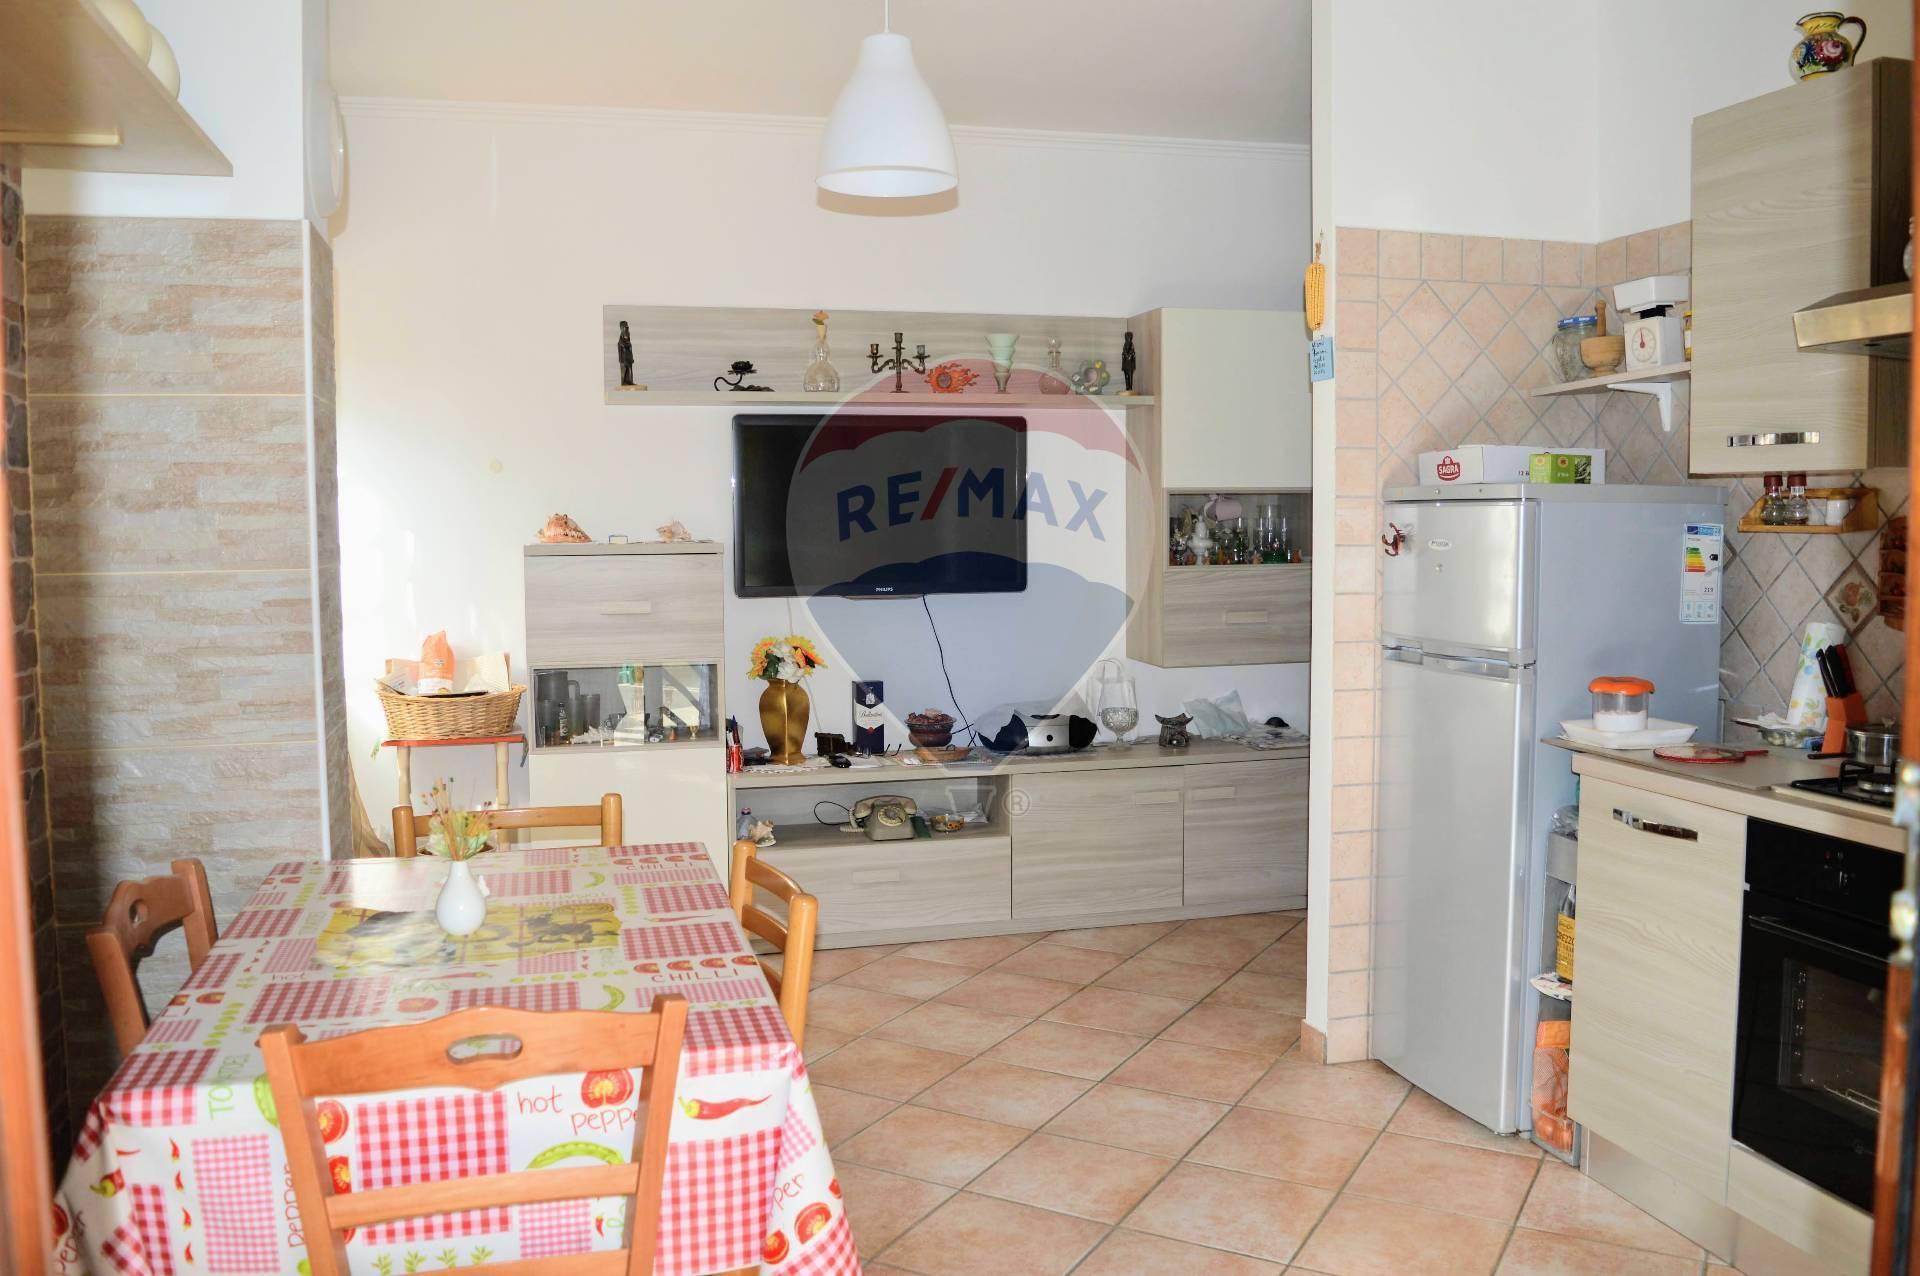 Appartamento in vendita a Anzio, 2 locali, zona Località: Anziodue, prezzo € 65.000 | CambioCasa.it